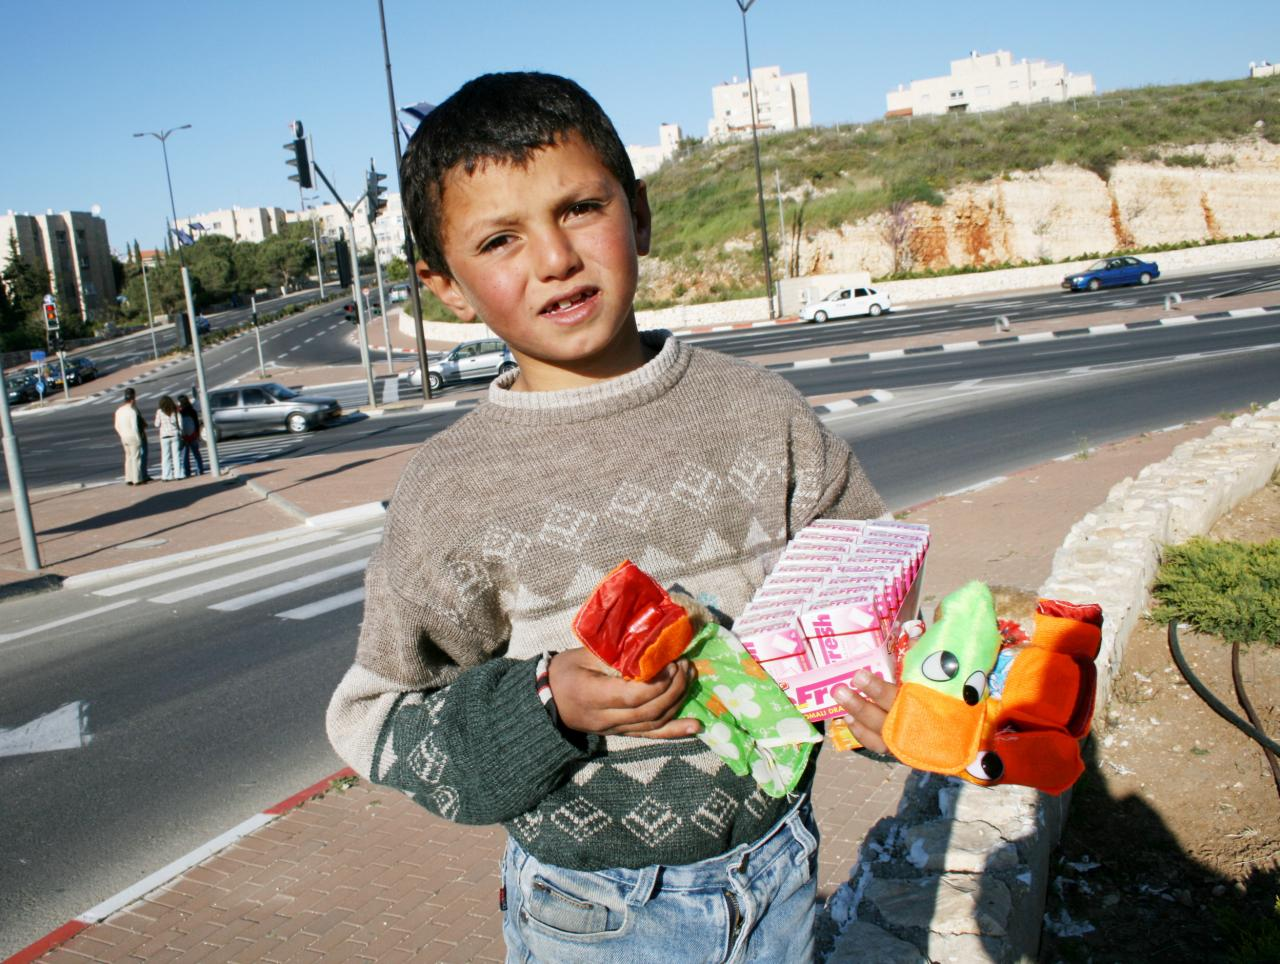 صورة صور عن اطفال الشوارع , التخلص من ظاهرة اولاد الشوارع